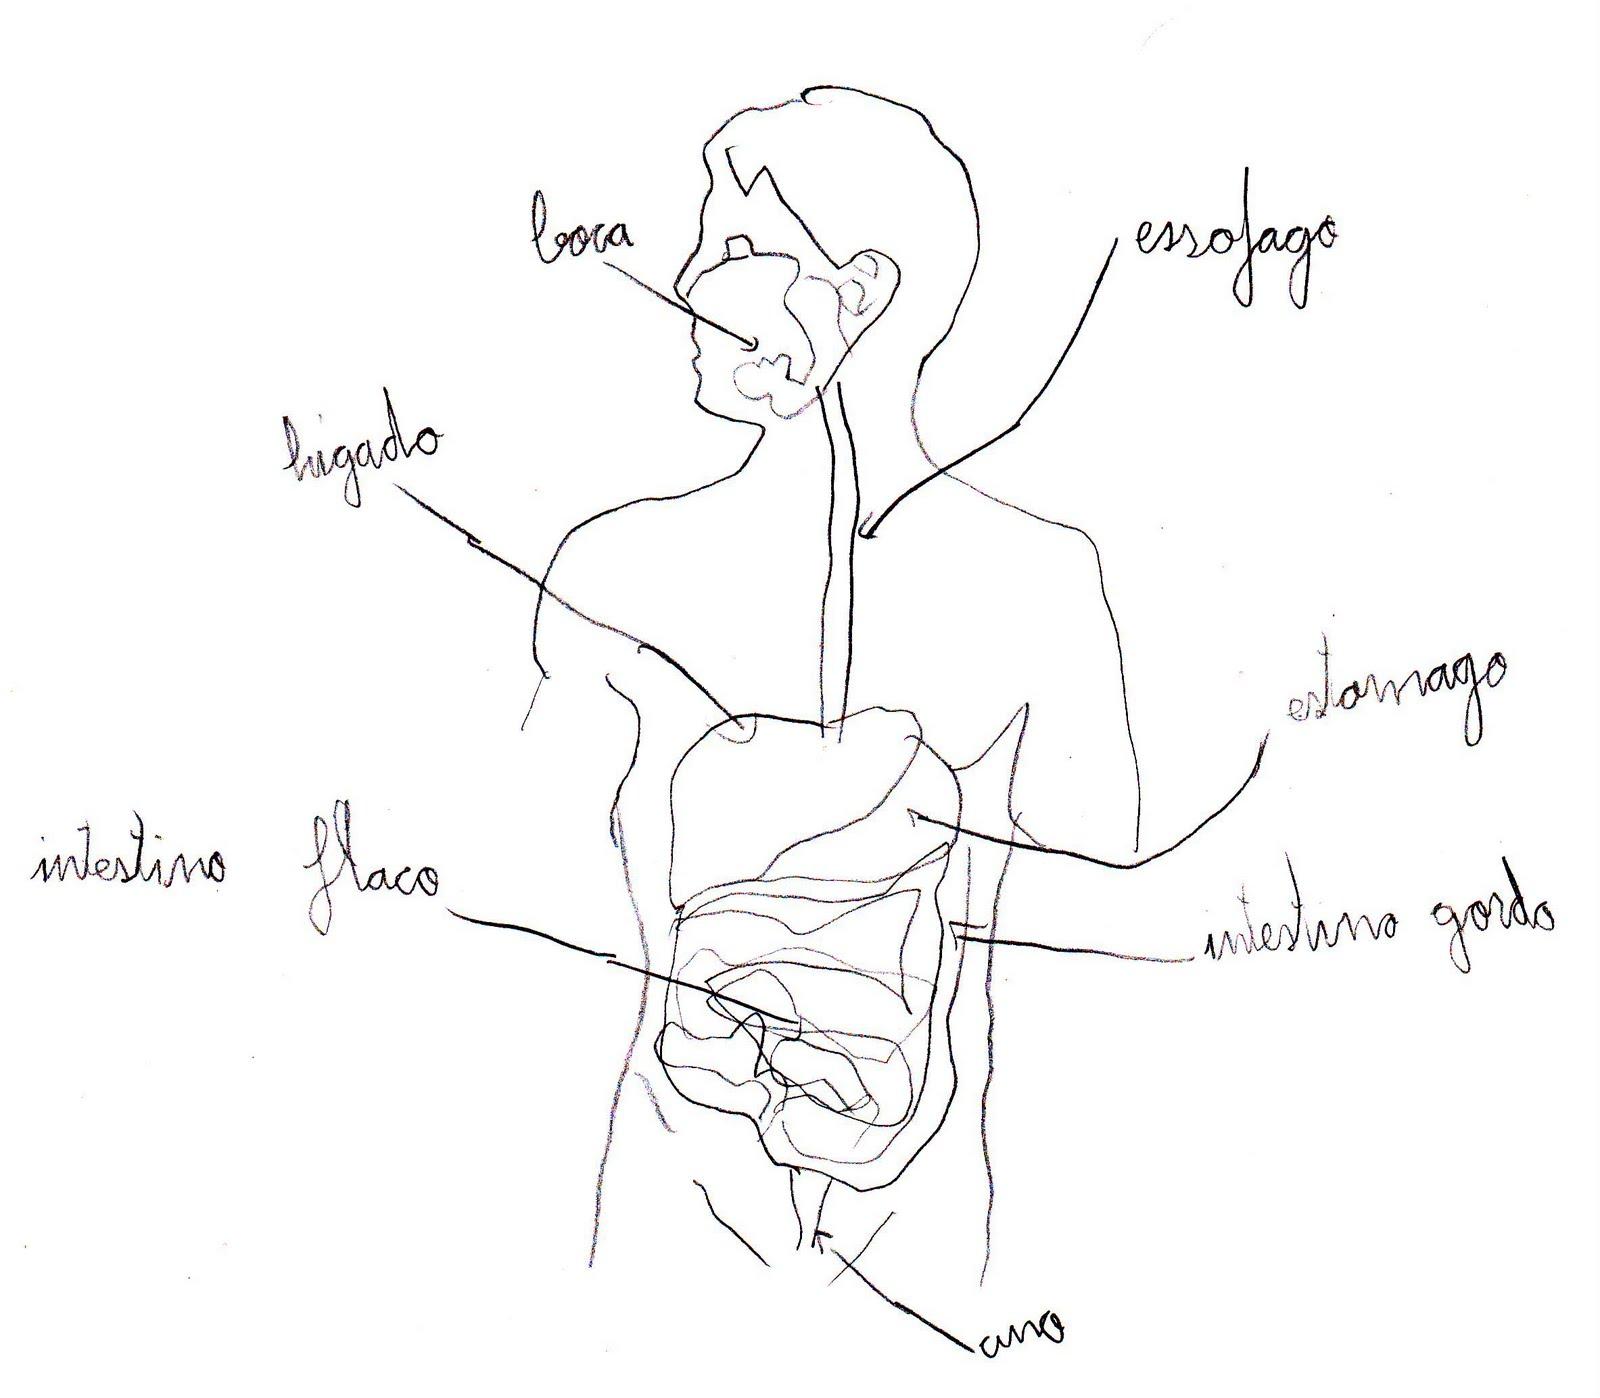 ÁNGEL: Dibujo el aparato digestivo humano.